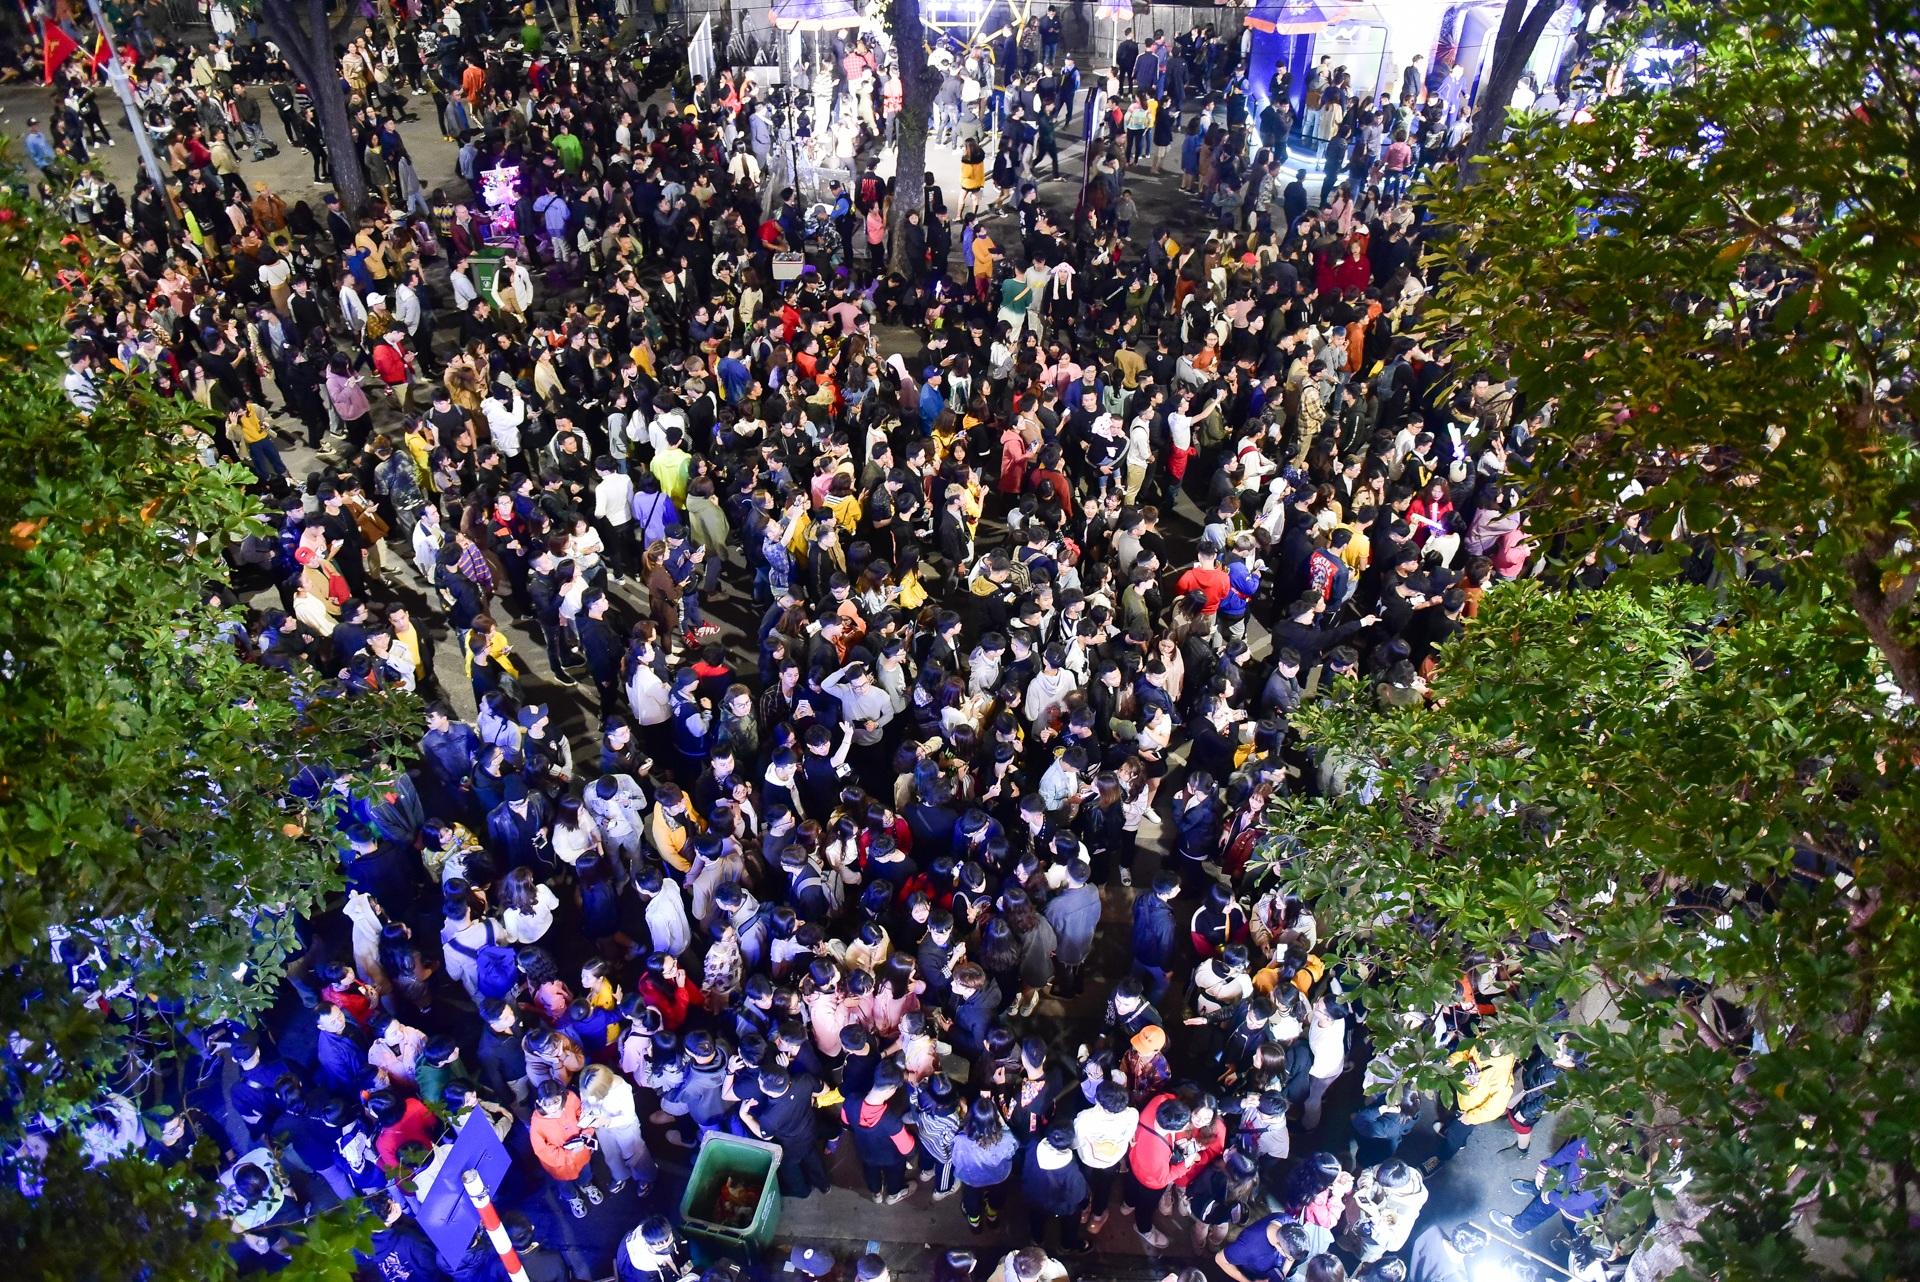 Hà Nội: Dòng người ùn ùn đổ về hồ Gươm đón năm mới 2020  - 1